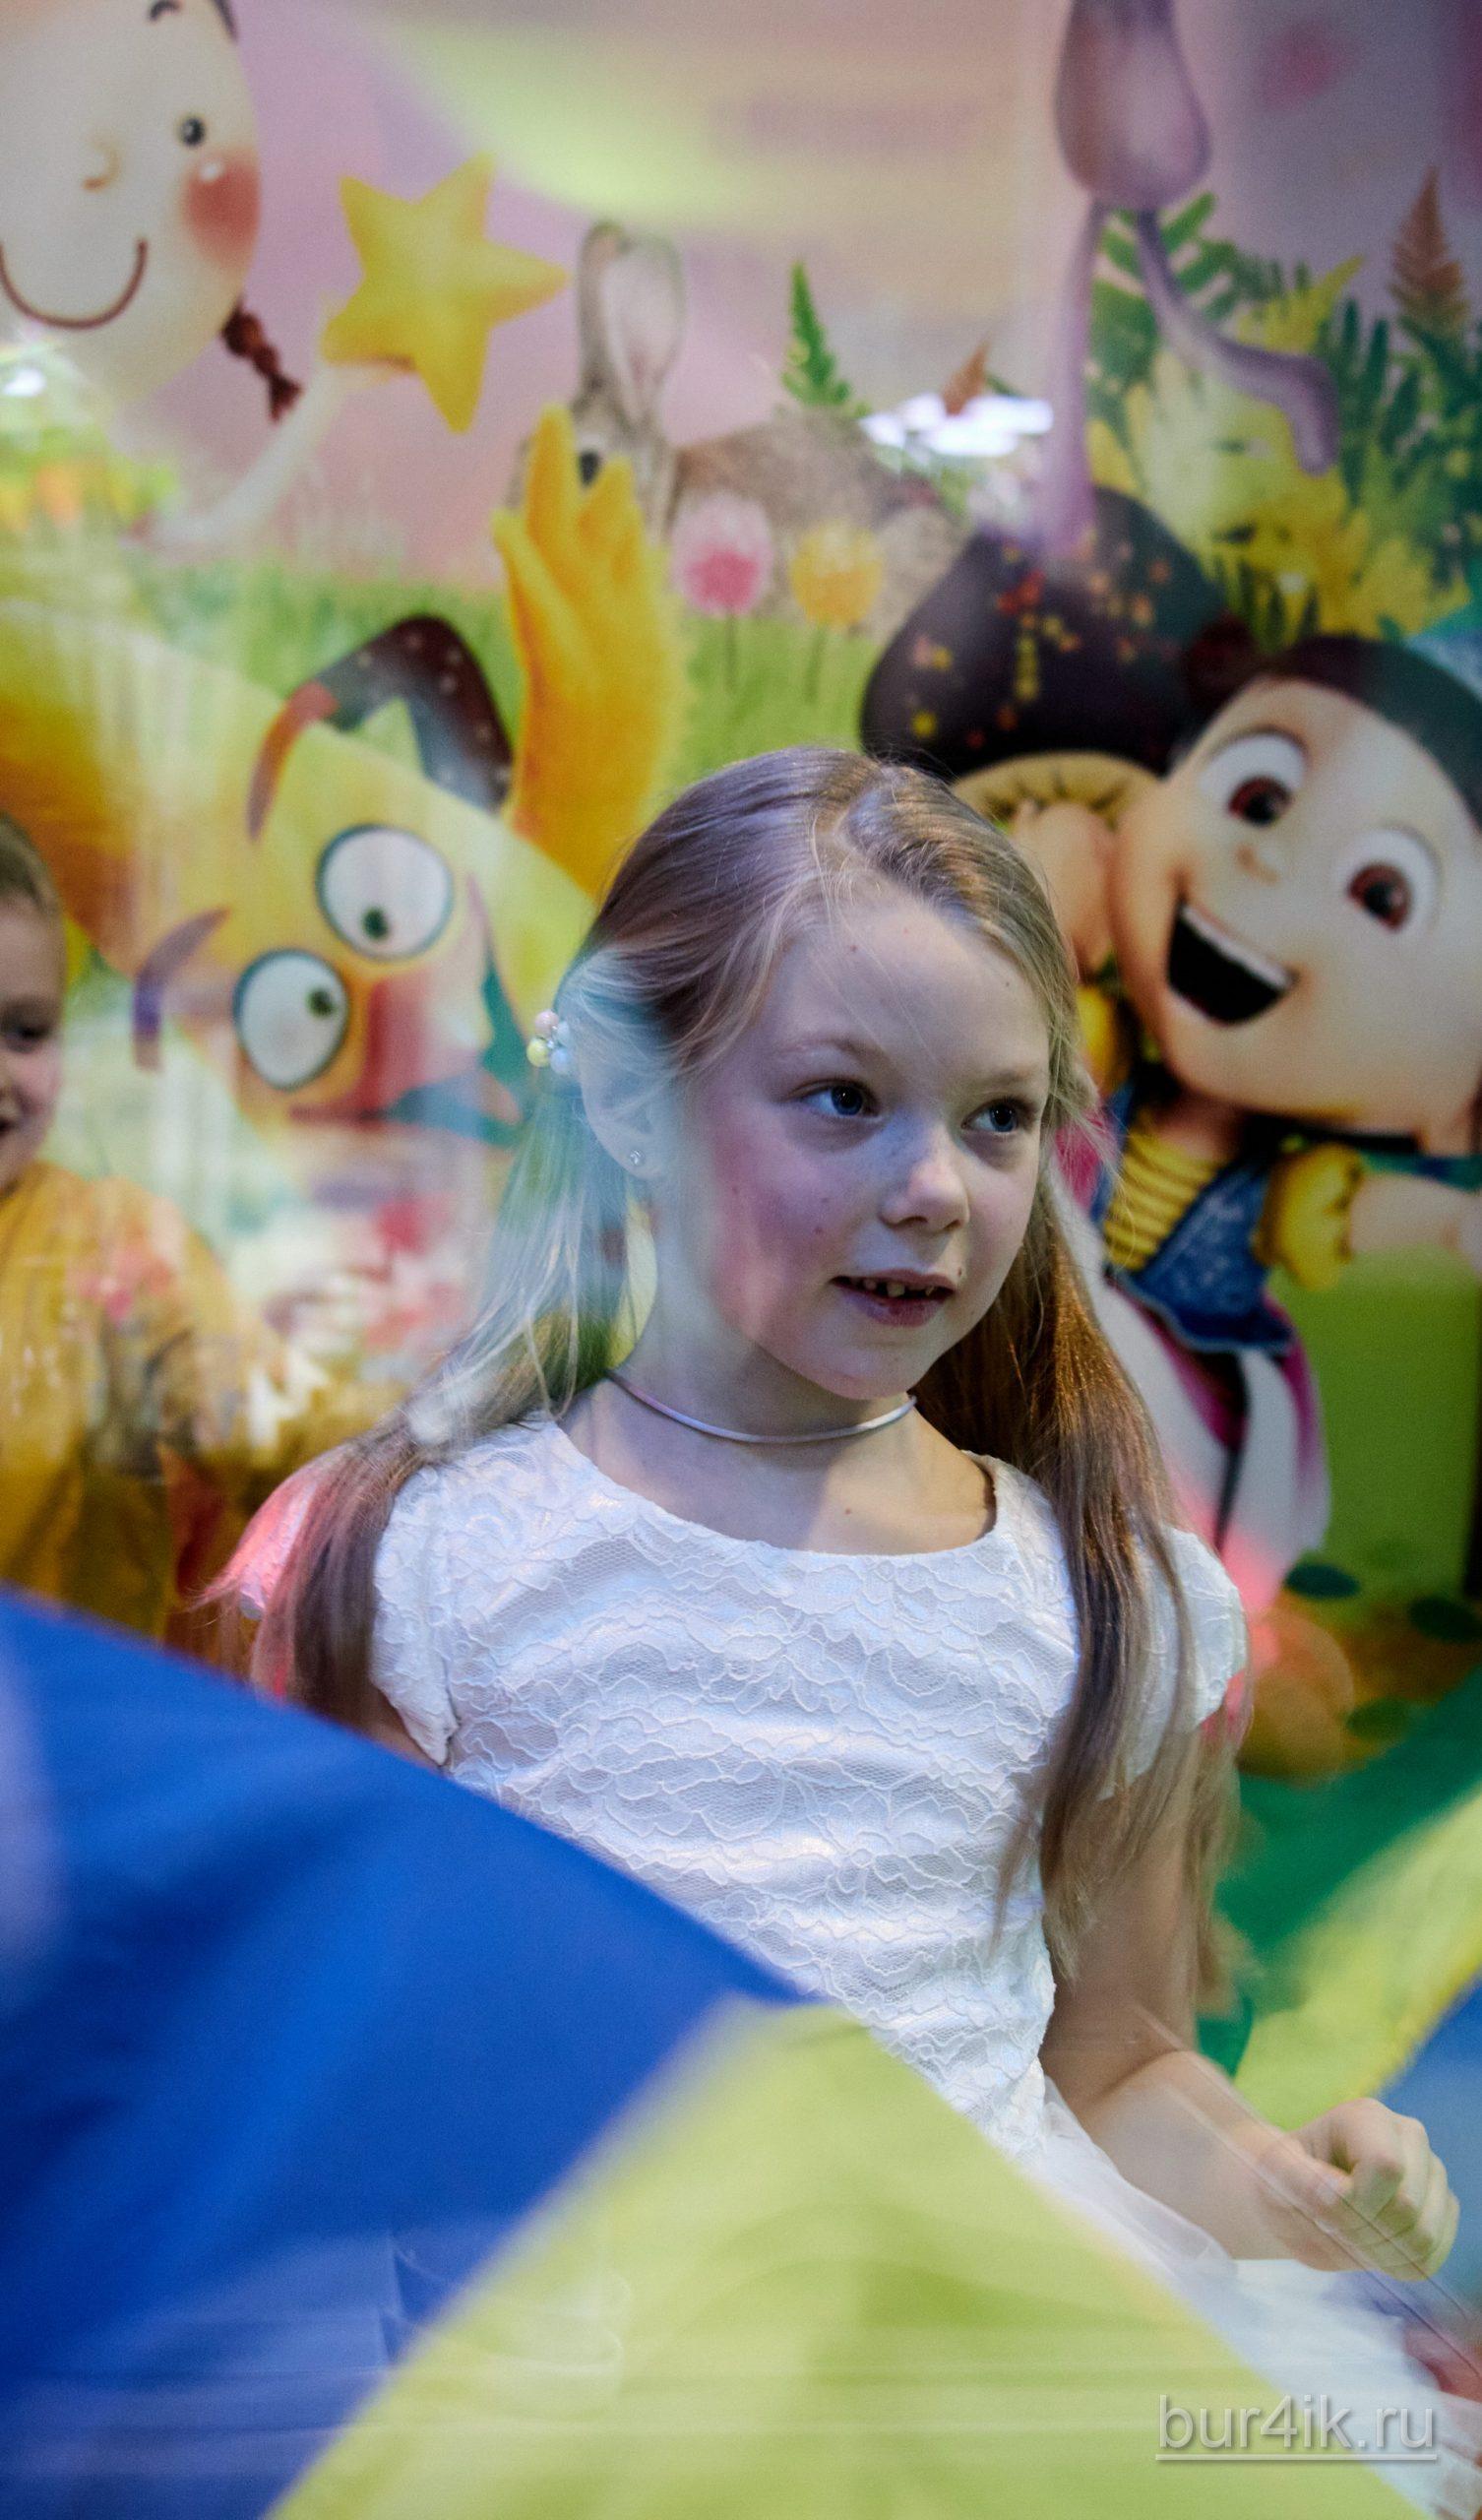 Фото Детское День Рождения в Детский Дворик 15.01.2020 №231 -photo- bur4ik.ru